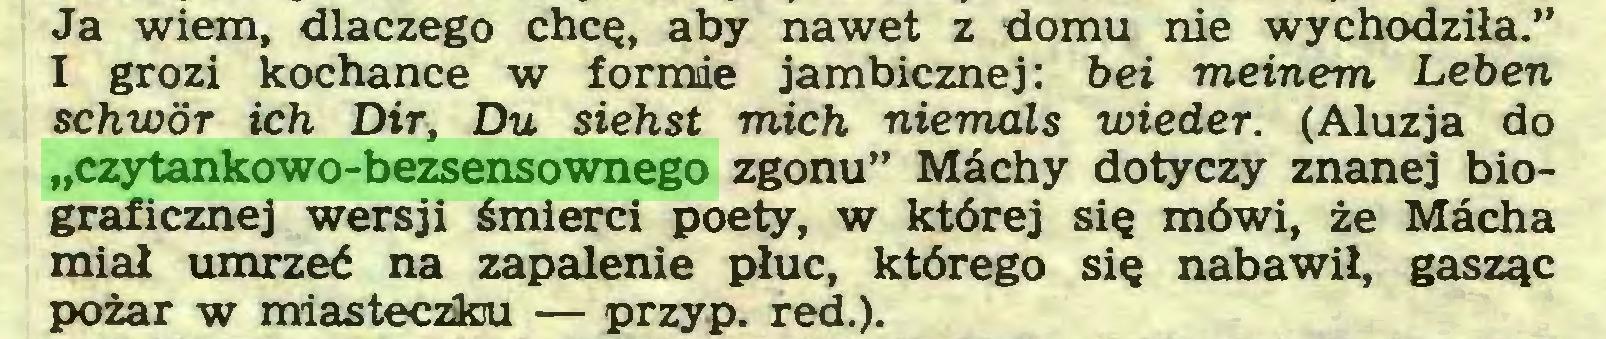 """(...) Ja wiem, dlaczego chcę, aby nawet z domu nie wychodziła."""" I grozi kochance w formie jambicznej: bei meinem Leben schwör ich Dir, Du siehst mich niemals wieder. (Aluzja do """"czytankowo-bezsensownego zgonu"""" Machy dotyczy znanej biograficznej wersji śmierci poety, w której się mówi, że Macha miał umrzeć na zapalenie płuc, którego się nabawił, gasząc pożar w miasteczku — przyp. red.)..."""